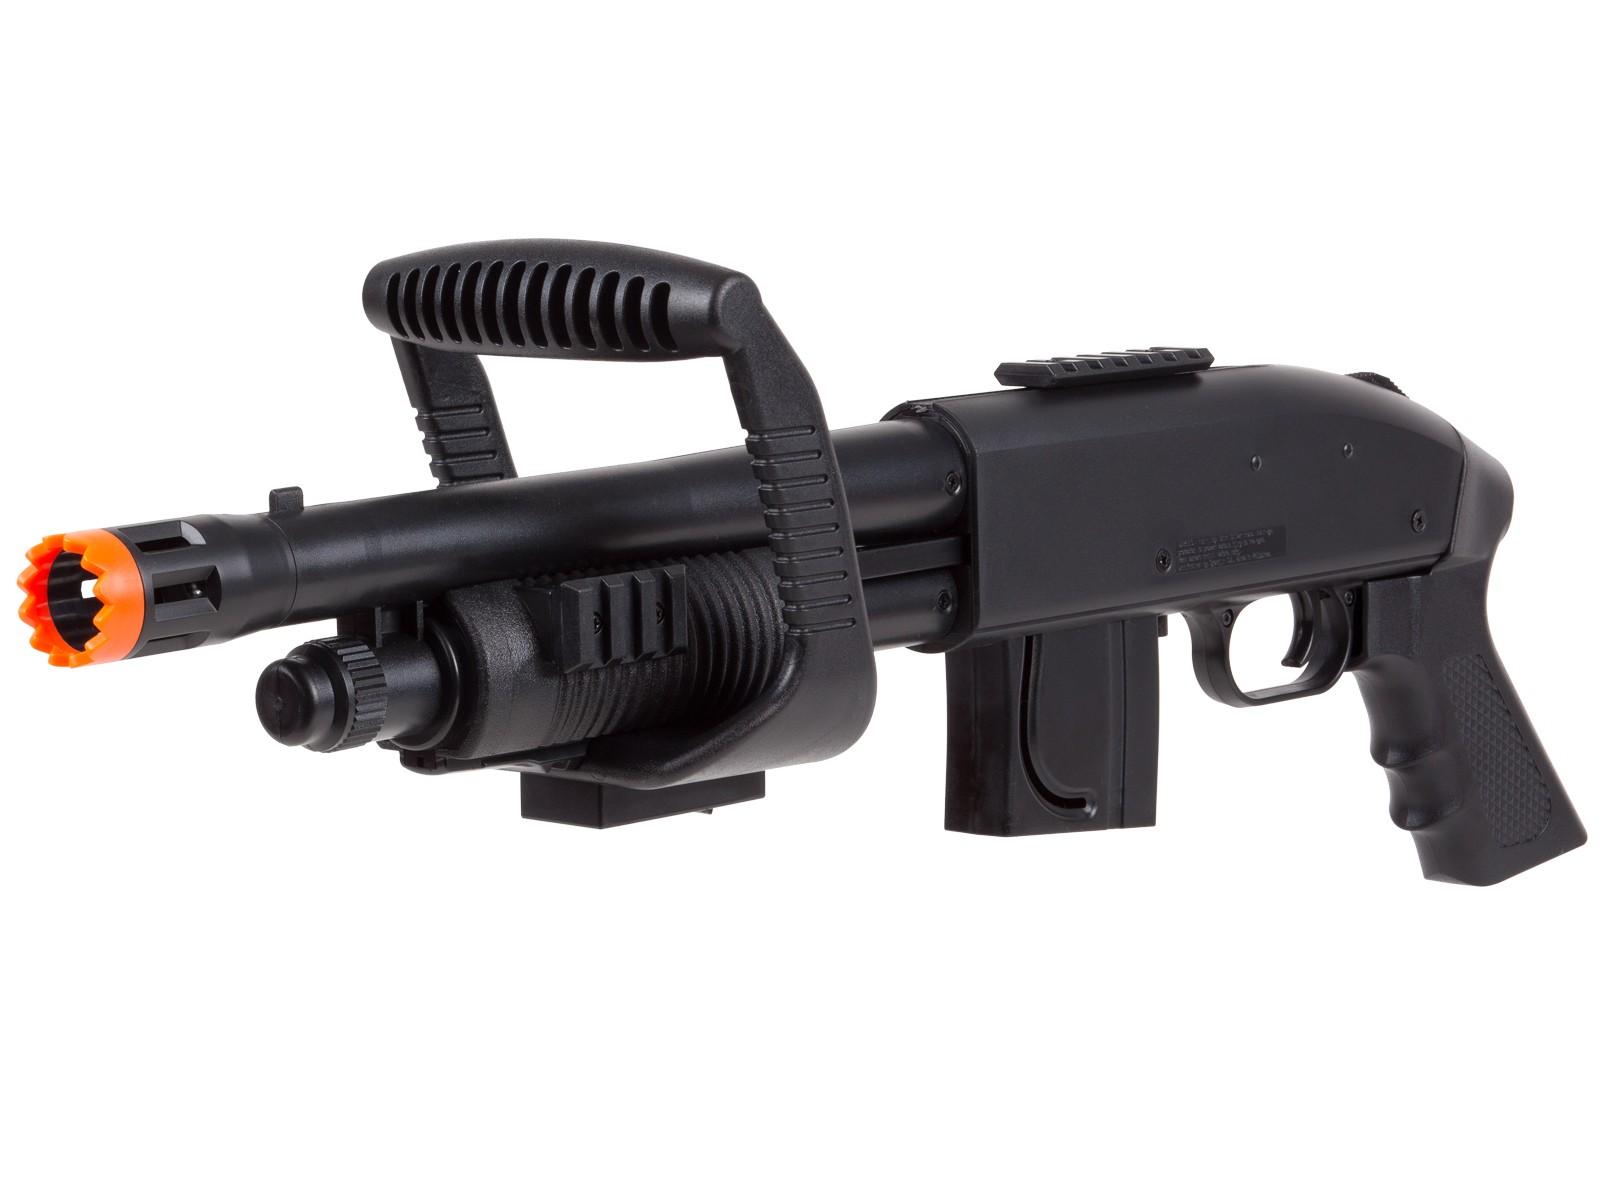 Mossberg_590_Chainsaw_Spring_Airsoft_Shotgun_6mm